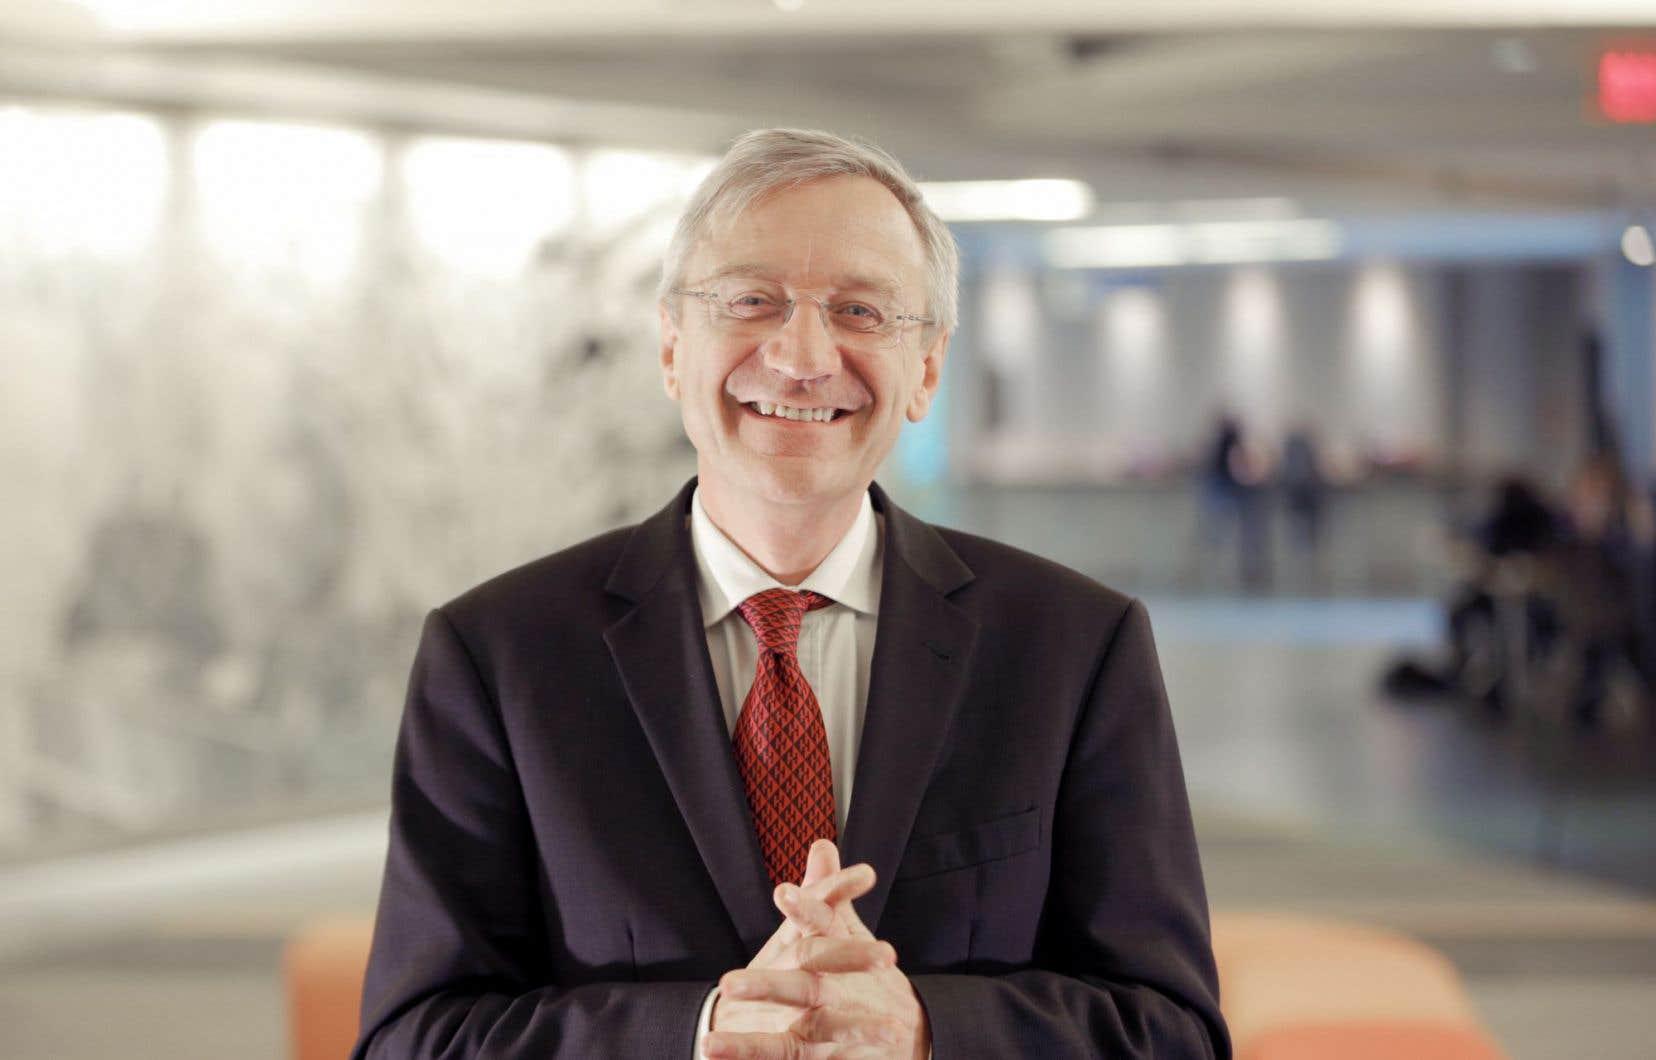 L'administrateur de l'Organisation internationale de la Francophonie, Clément Duhaime